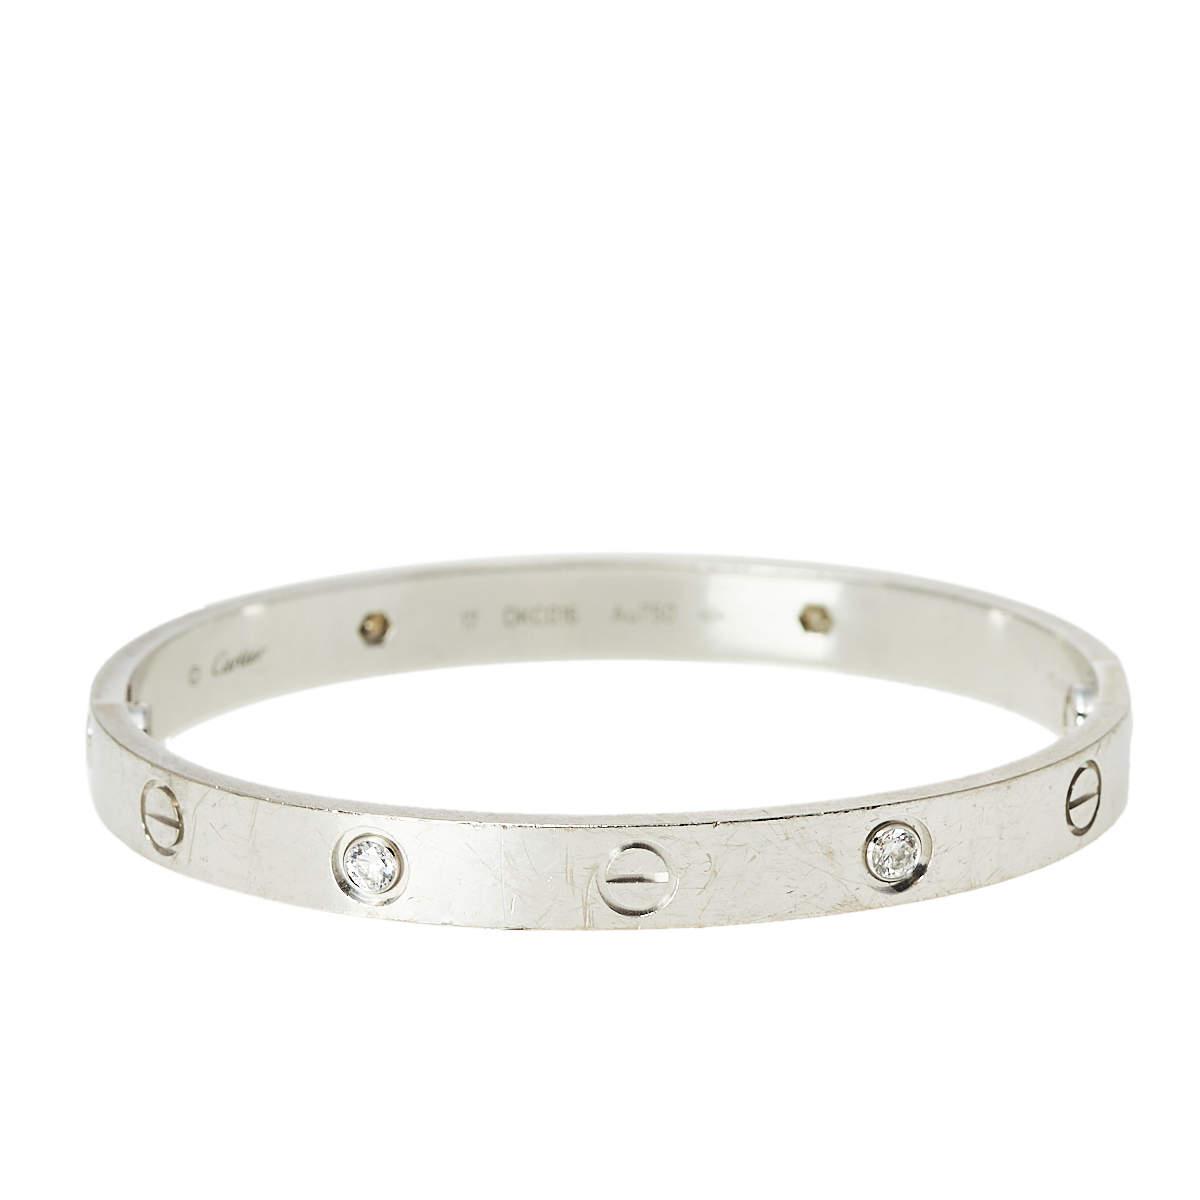 Cartier Love 4 Diamond 18K White Gold Bracelet 17